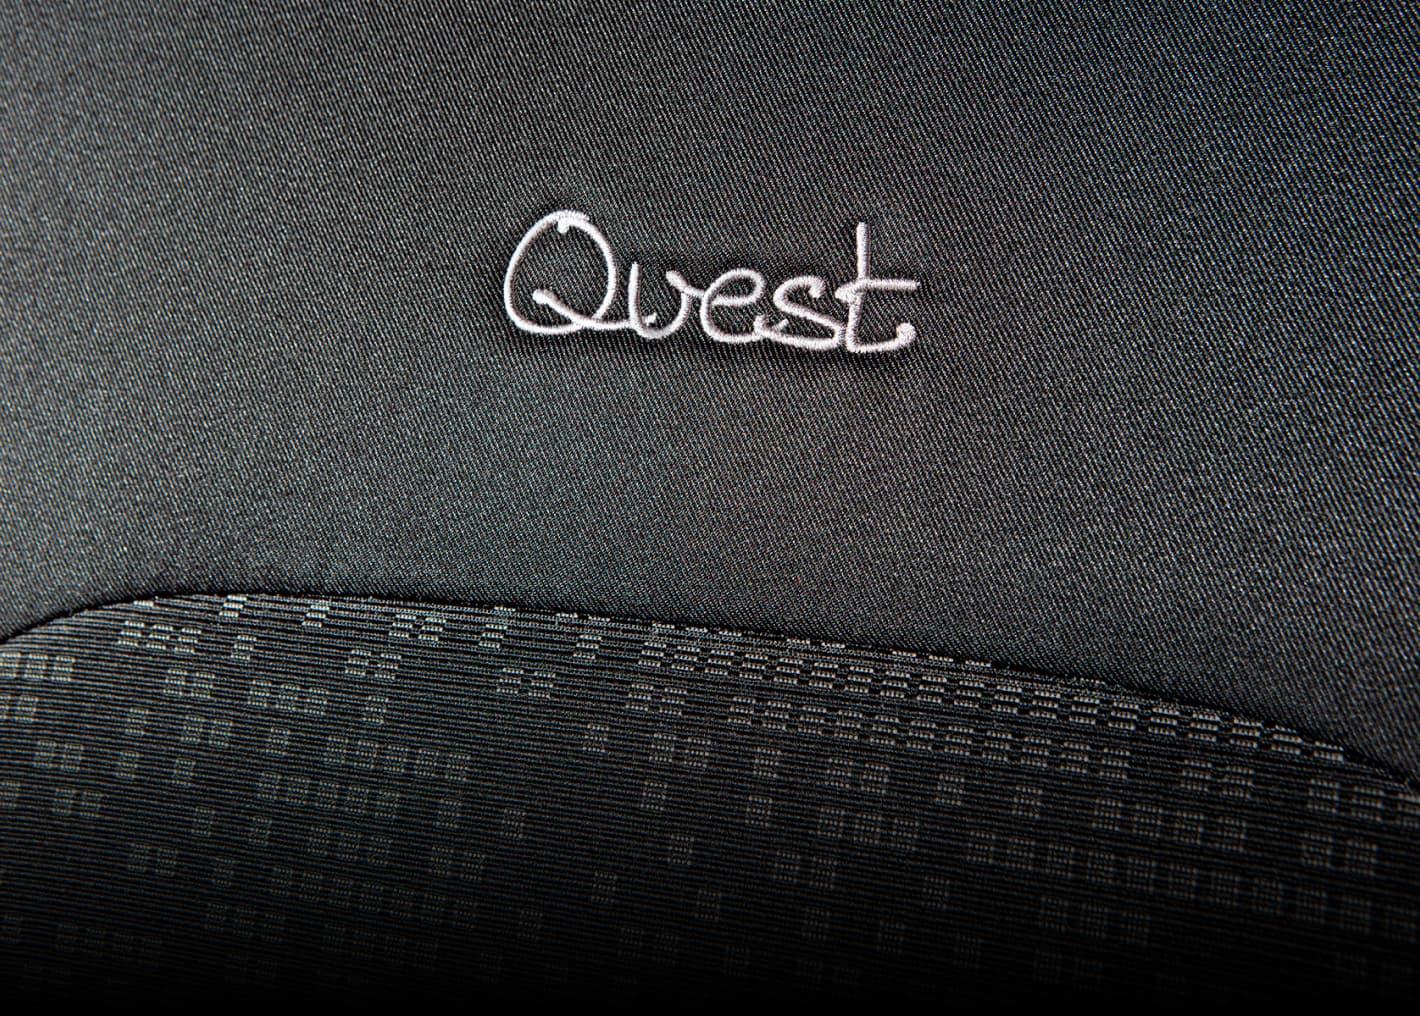 Надпись quest